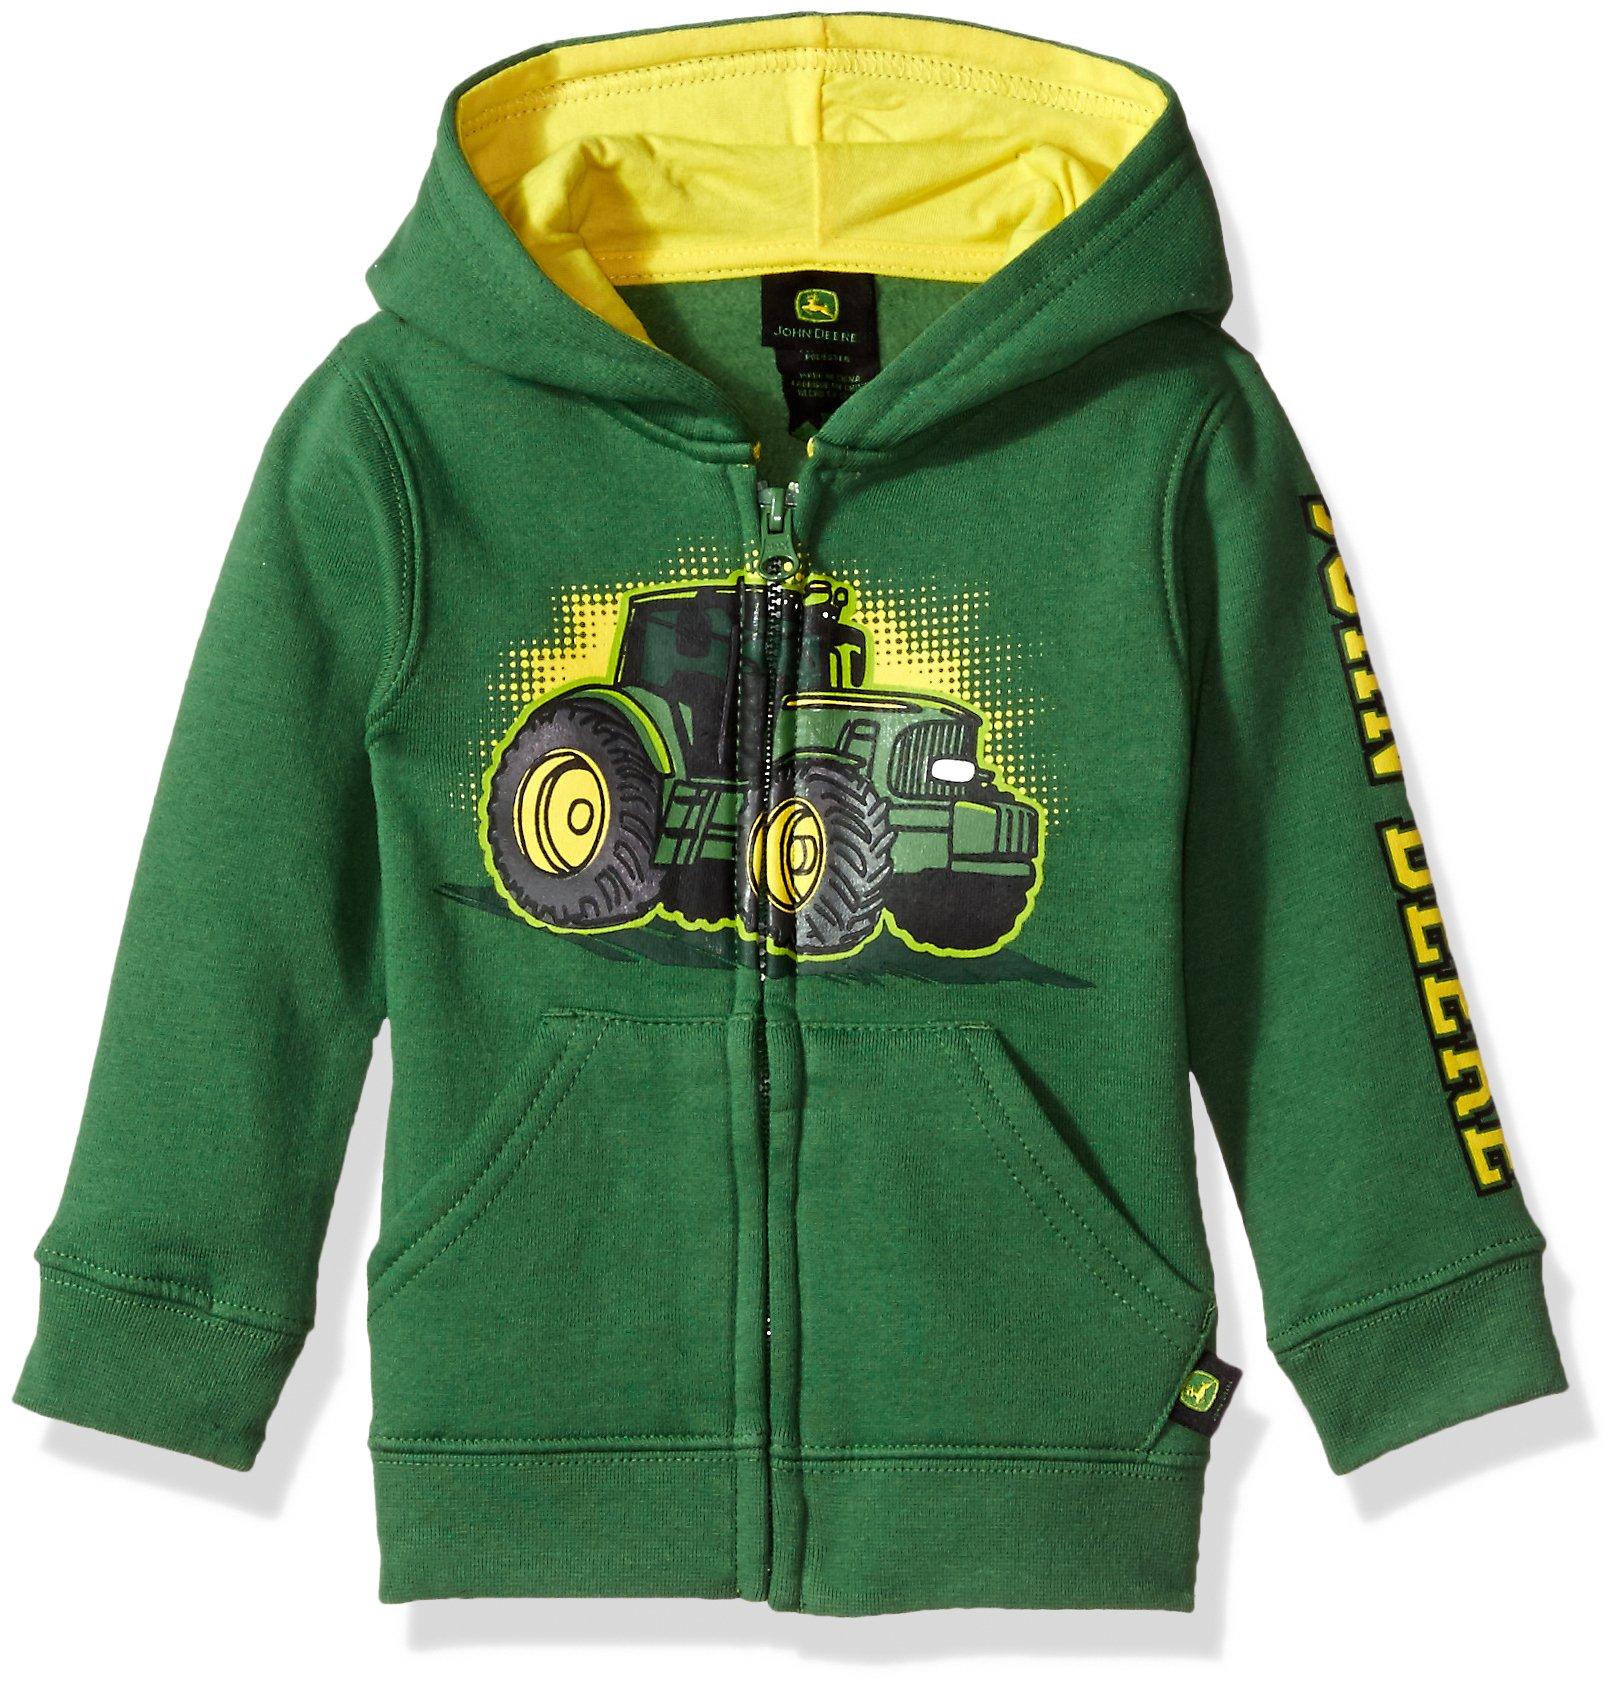 John Deere Tractor Infant Toddler Boy Zip Front Fleece Hoody Sweatshirt, green, 3T by John Deere